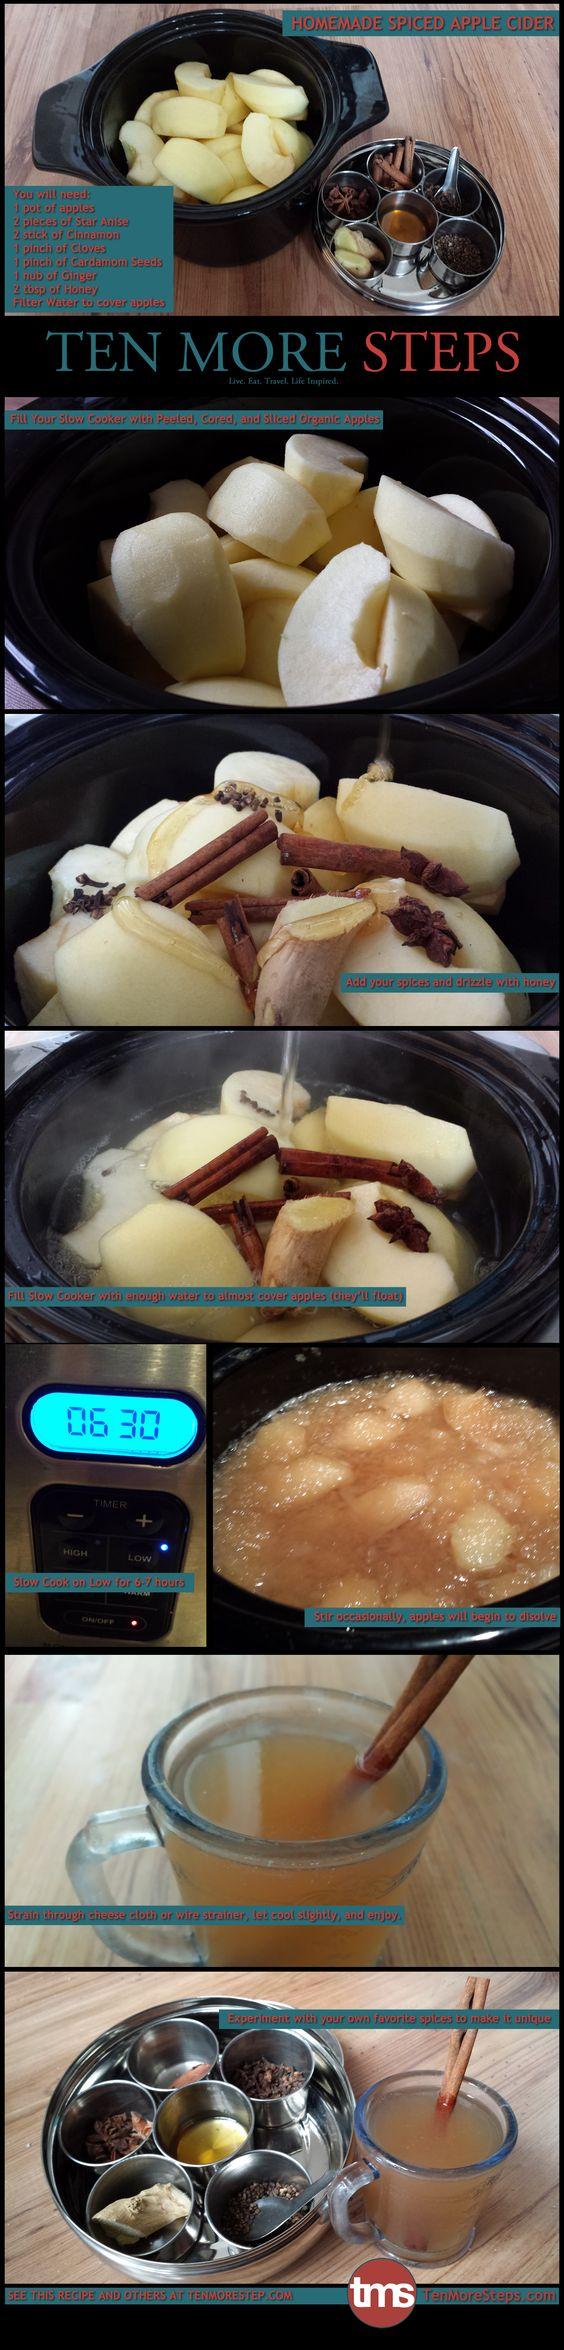 [Homemade]Homemade Spiced Apple Cider http://ift.tt/2ezNW9g